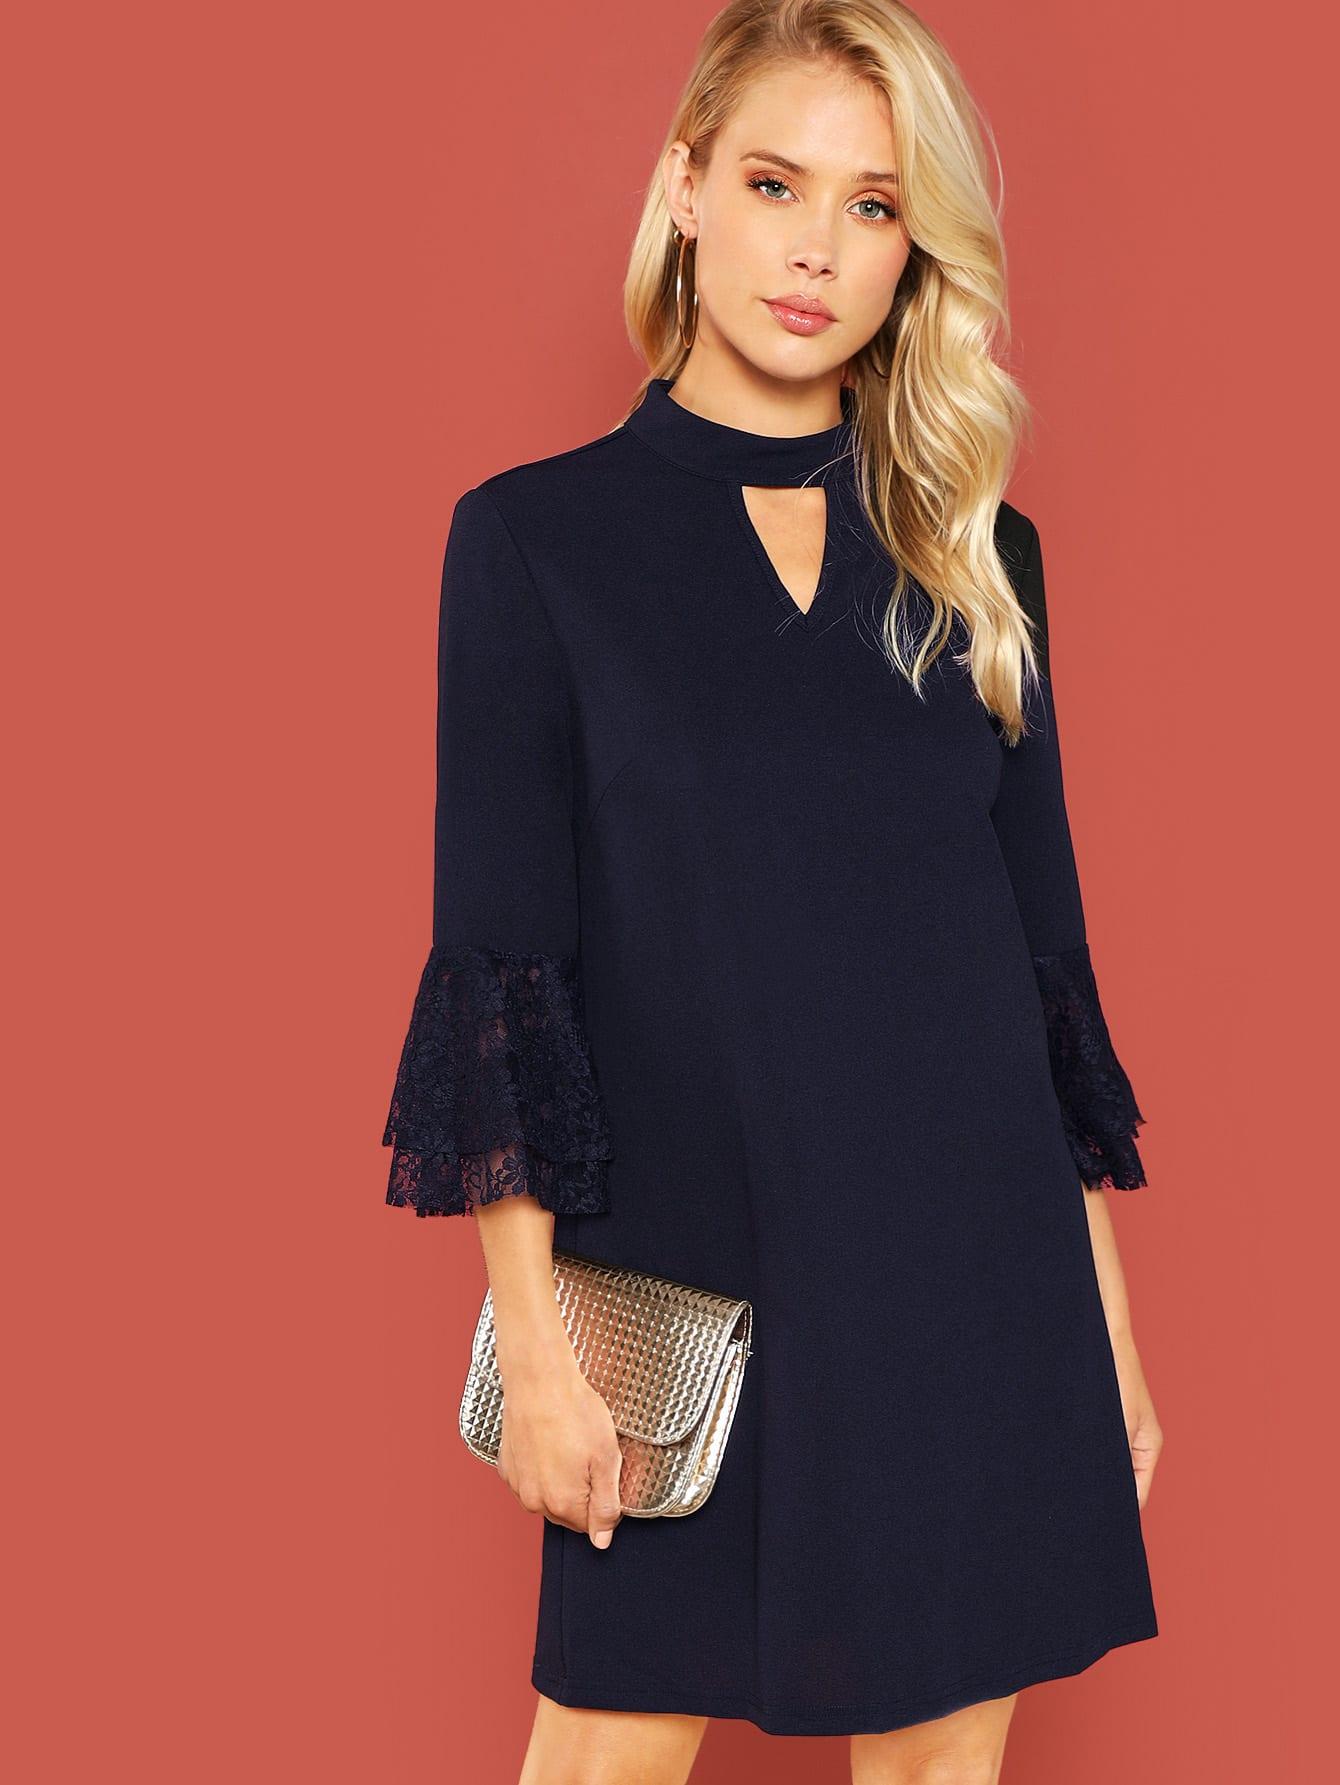 Купить Стильное платье с кружевной отделкой, Allie Leggett, SheIn